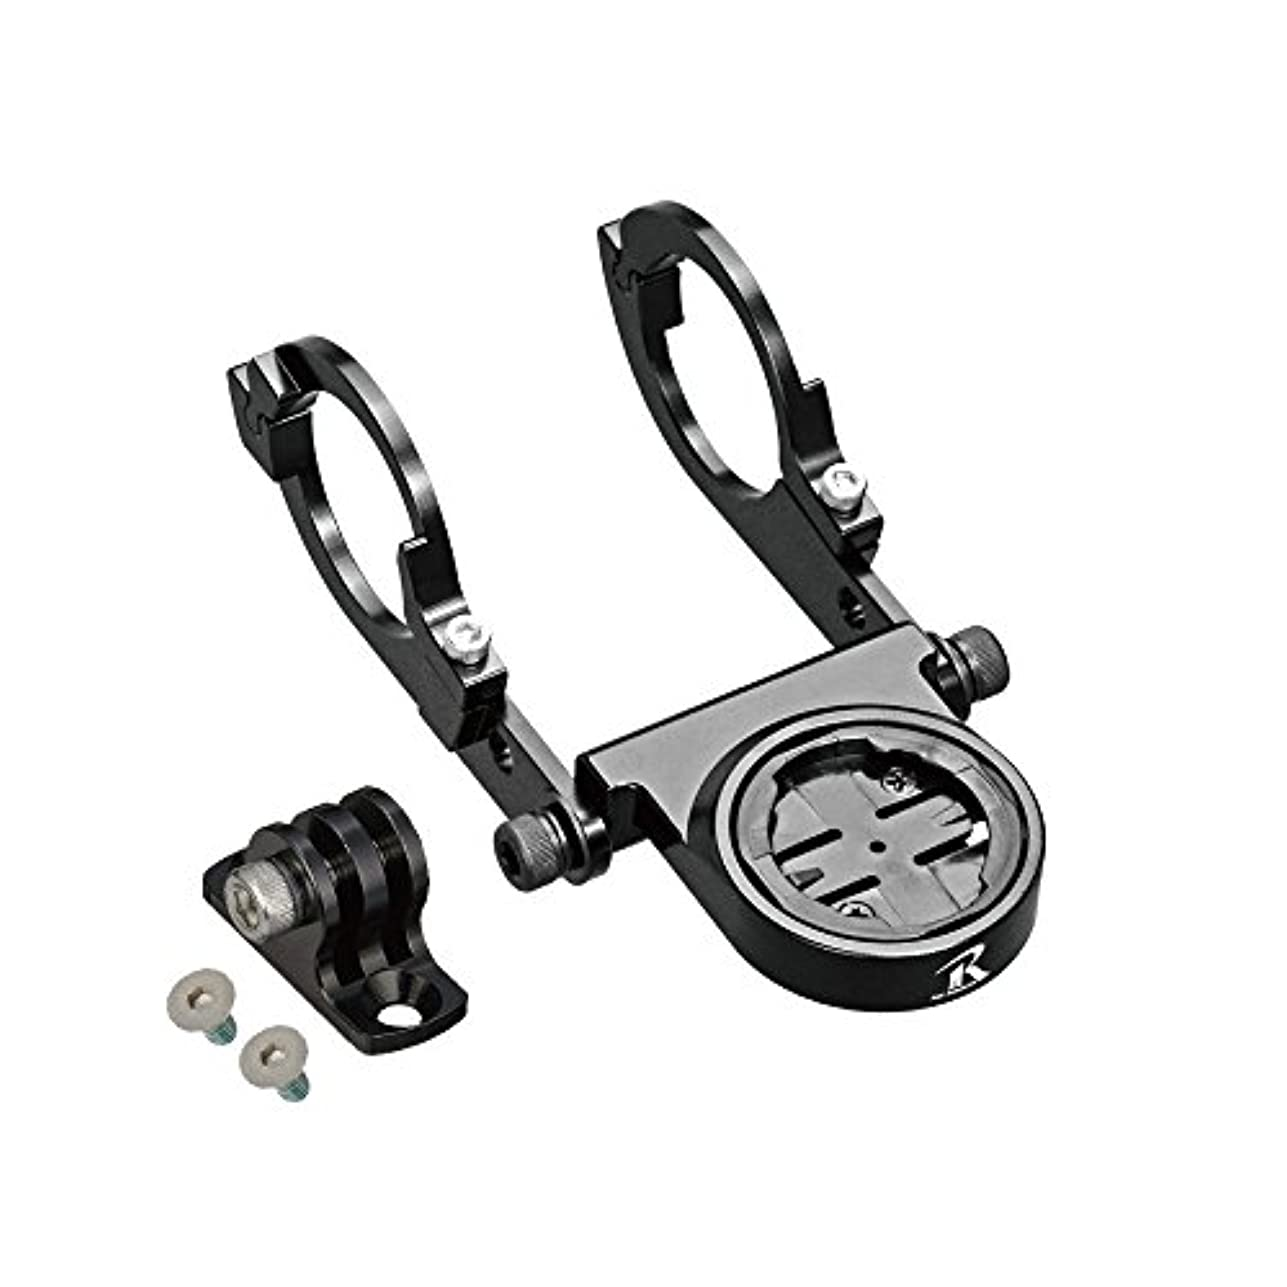 注文簡単にやさしくREC-MOUNTS アウトフロントバイクマウント Type9 Garmin Edge & GoPro シマノスポーツカメラ 対応 [REC-B019-GM]